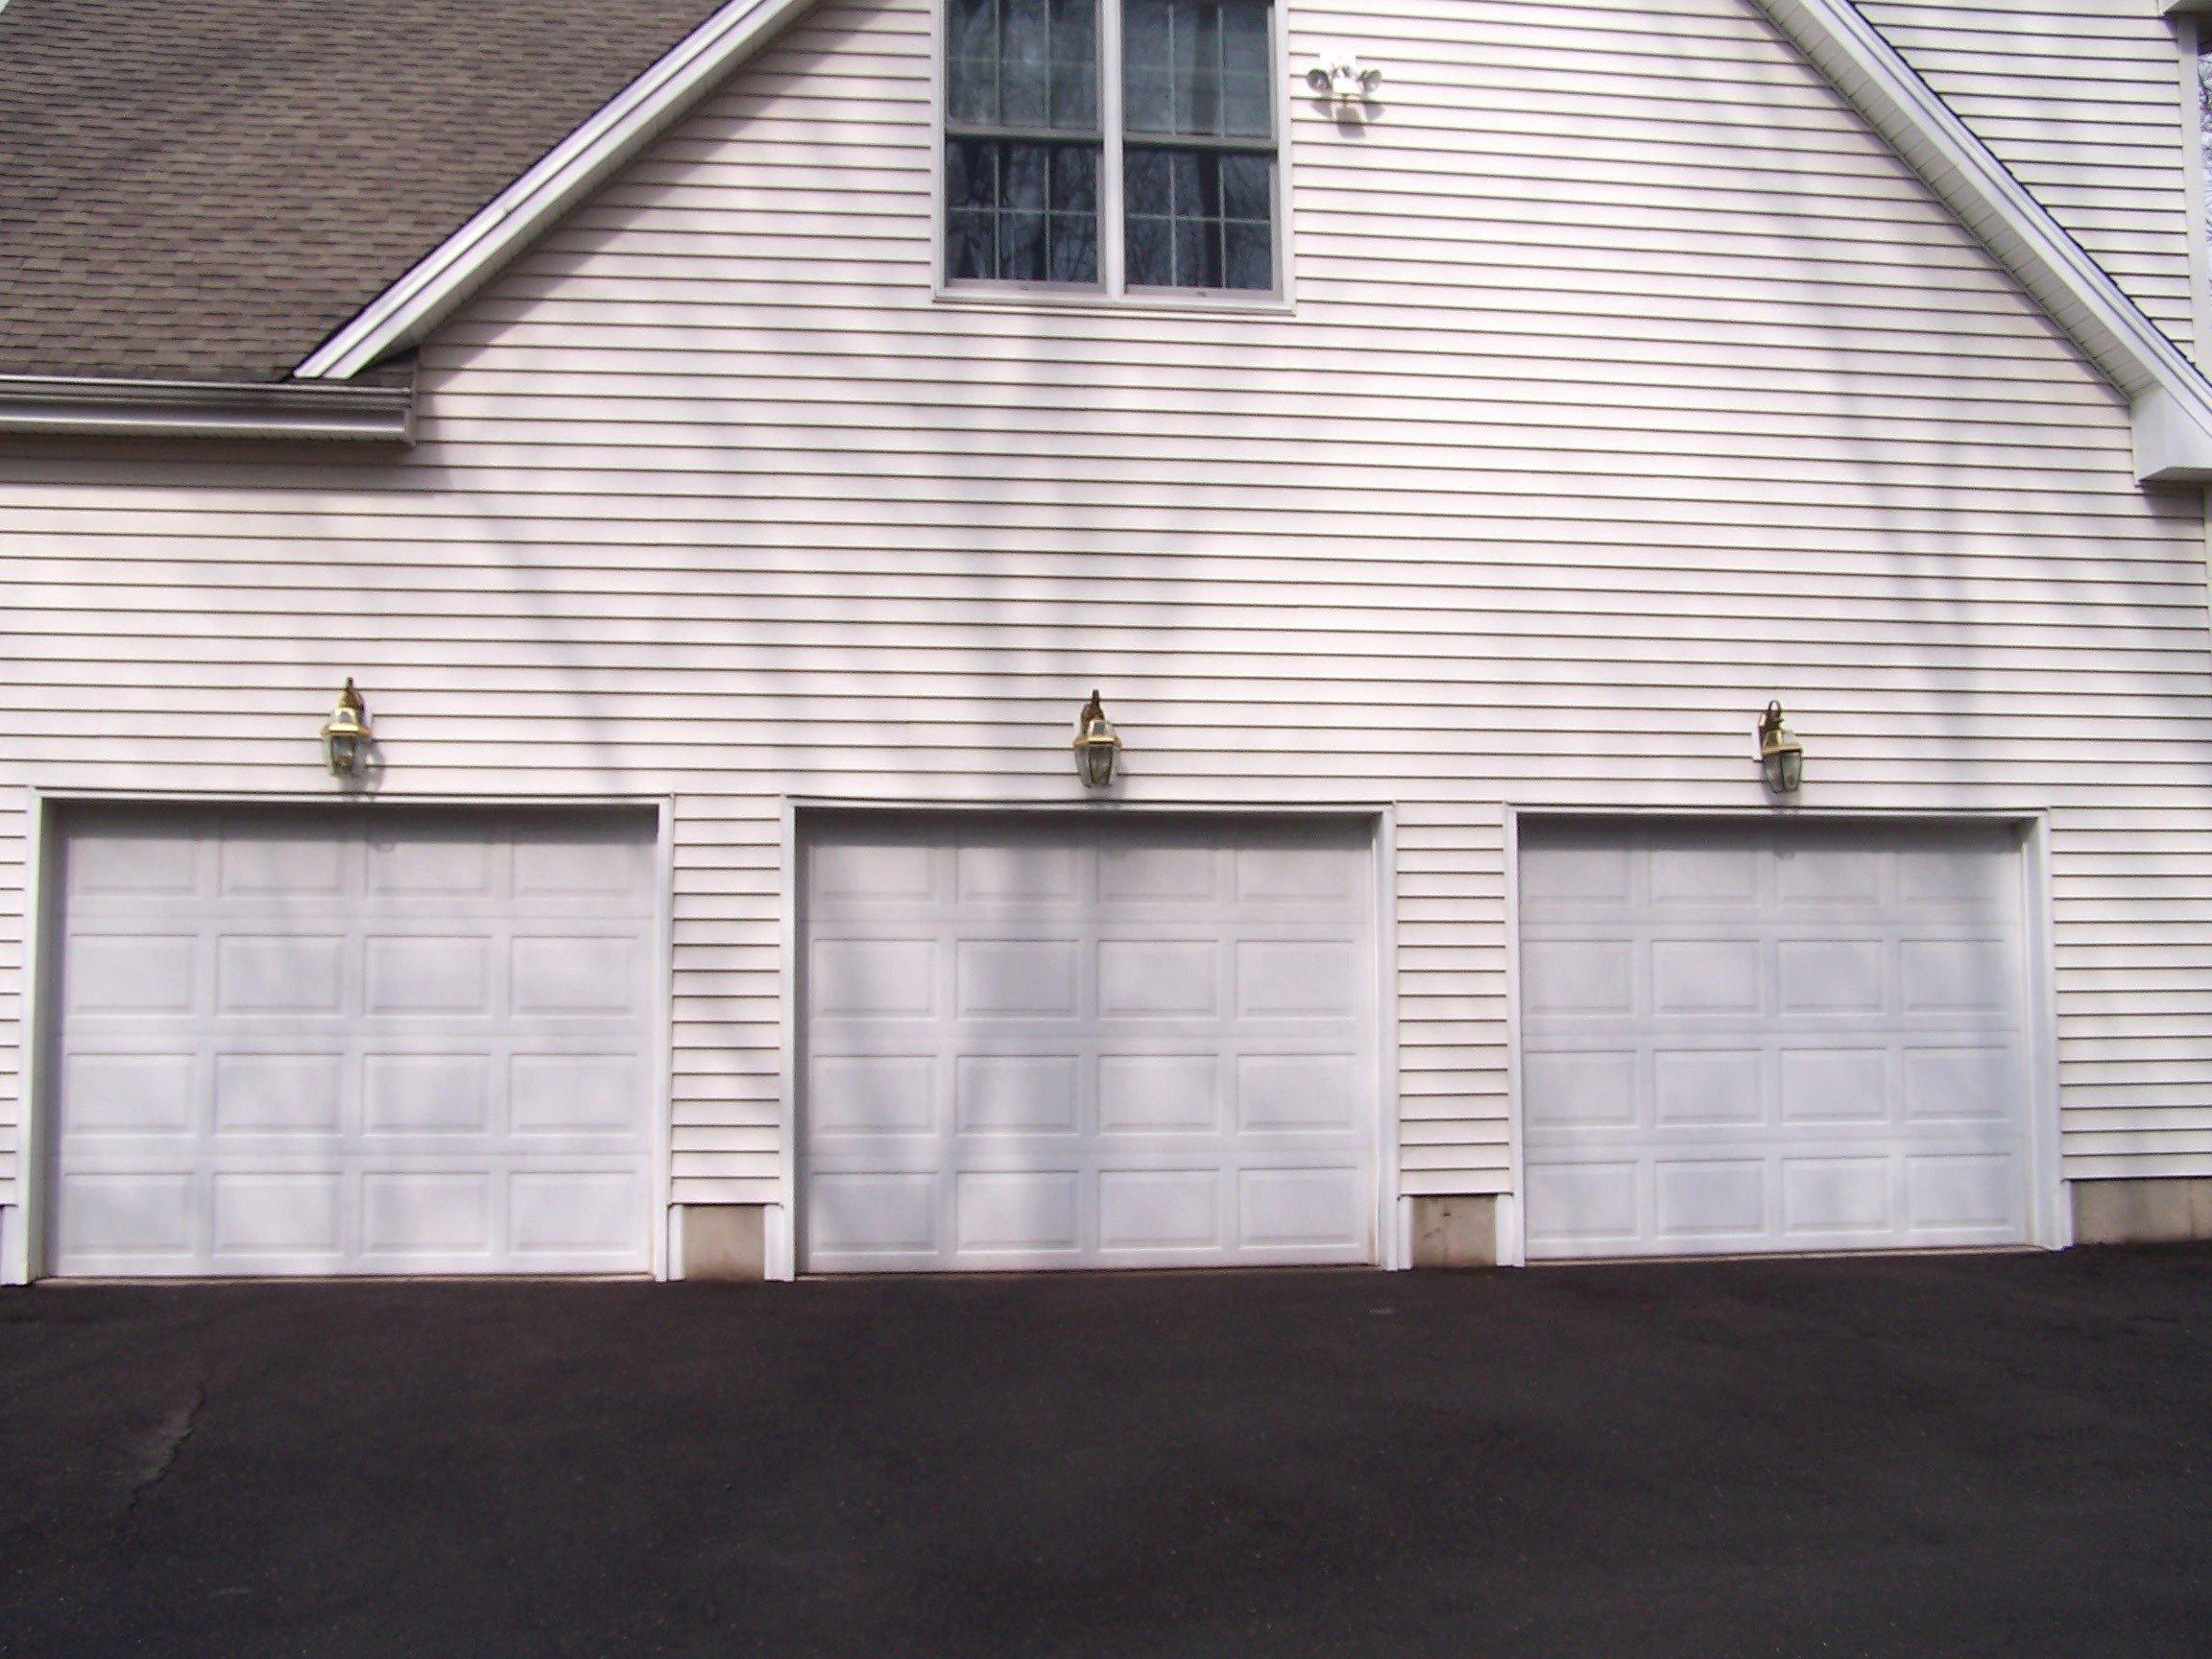 Douglas Garage Door Center Inc Photo Gallery East Hartford. Doors Installation. Masonite Patio Doors. Garage Doors Specials. Hospital Door Signs. Best French Door Refrigerator Consumer Reports. Small Waste Oil Heater For Garage. Security French Doors. Exterior Door Hinges On Outside